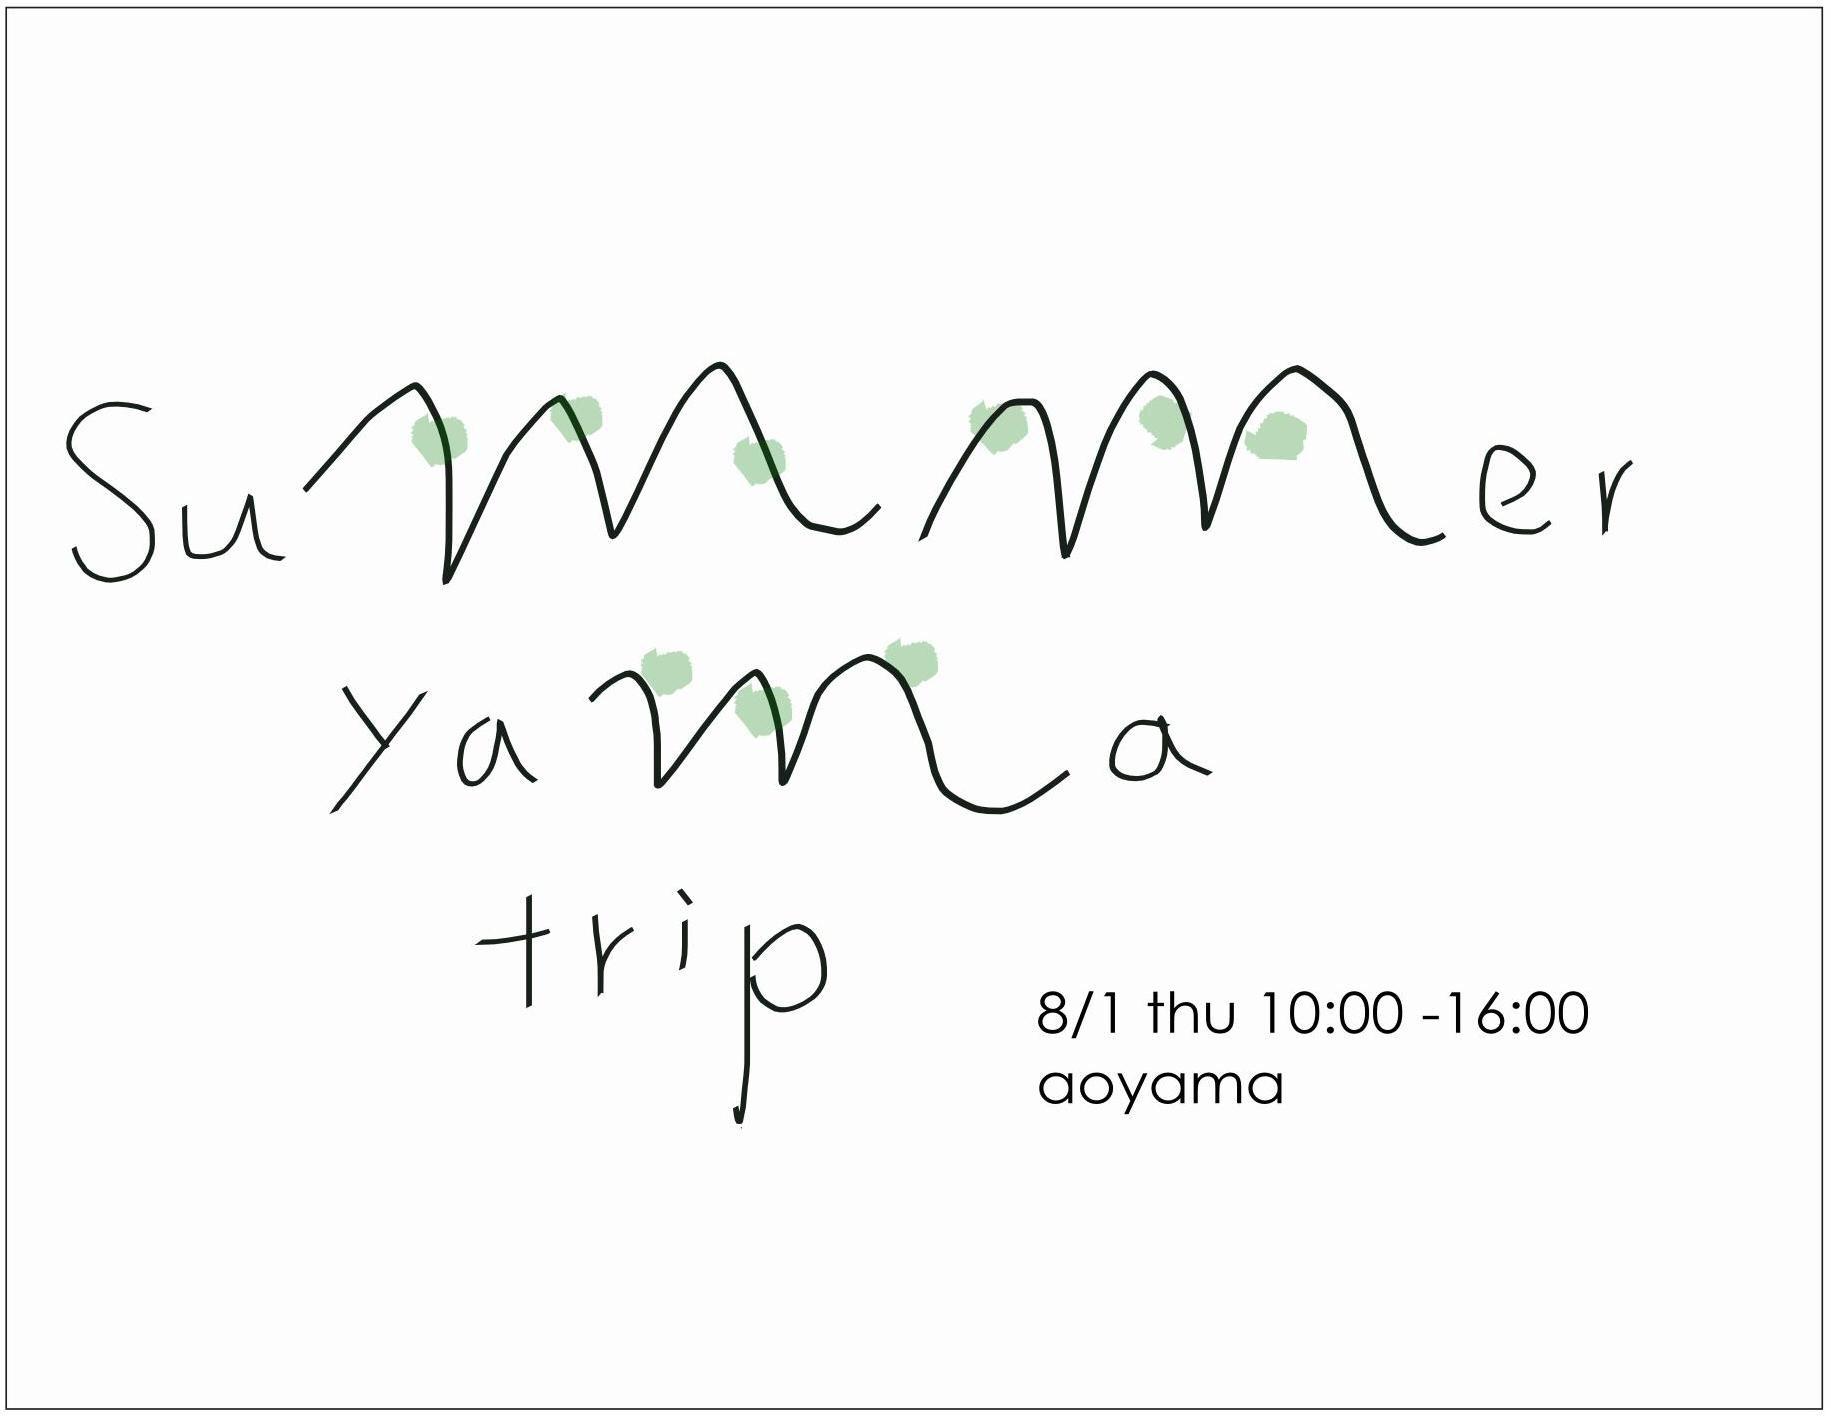 【イベントのお知らせ】Summer Yama Trip_b0185232_21331380.jpg